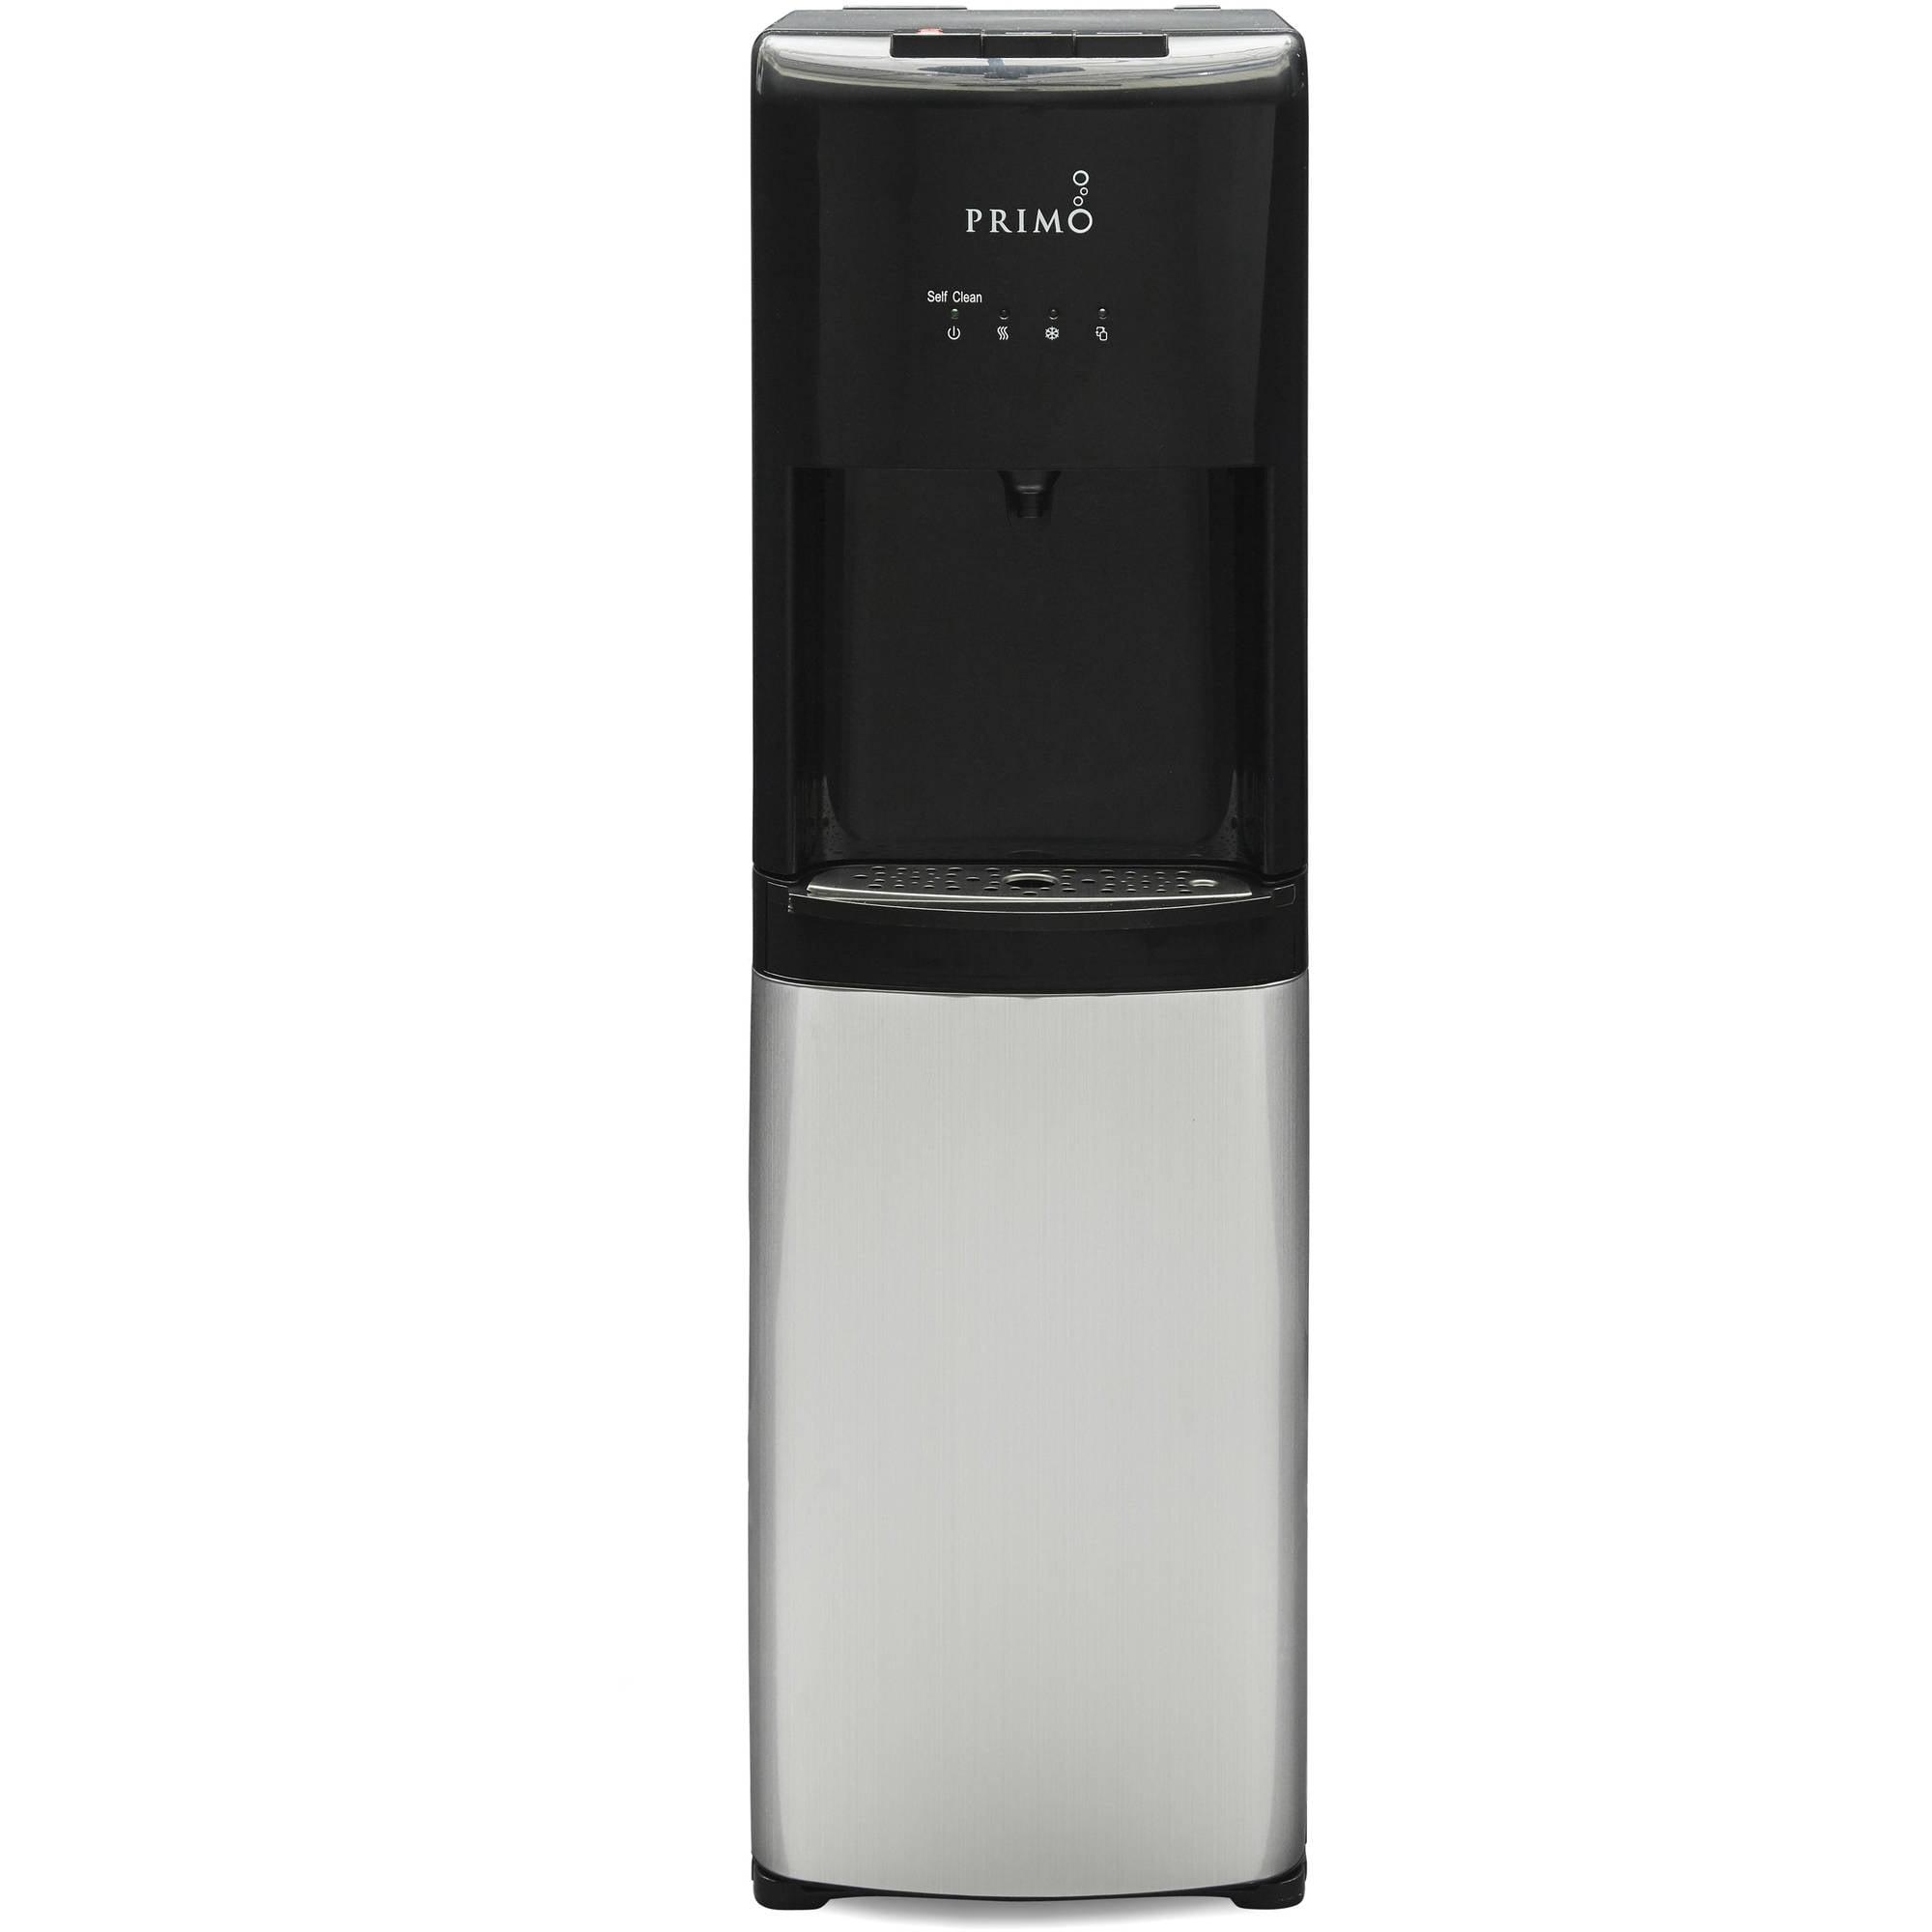 primo selfclean bottom load bottled water dispenser